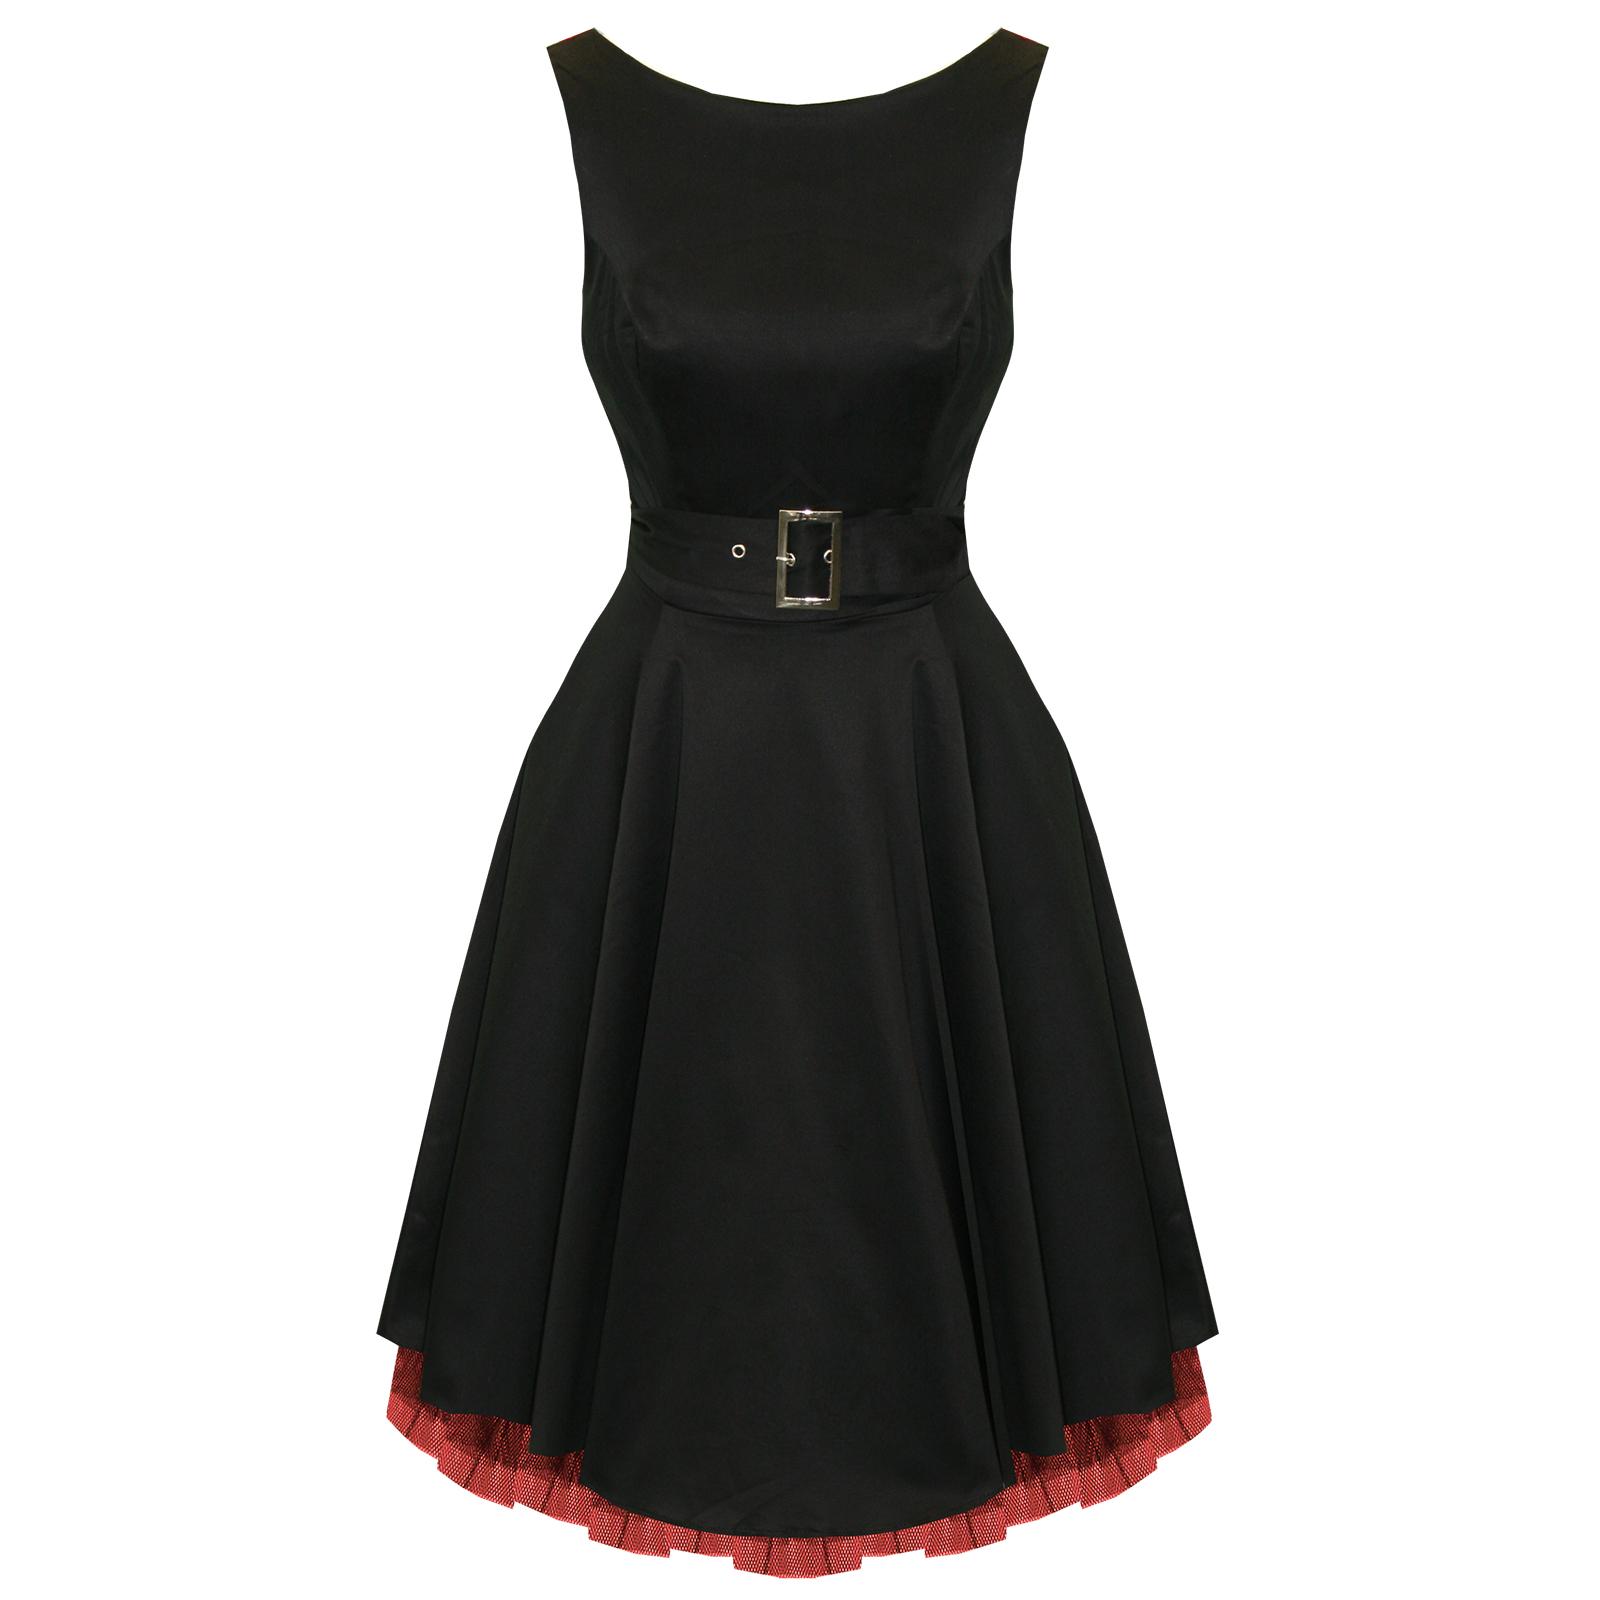 Kleid schwarz ausgestellt